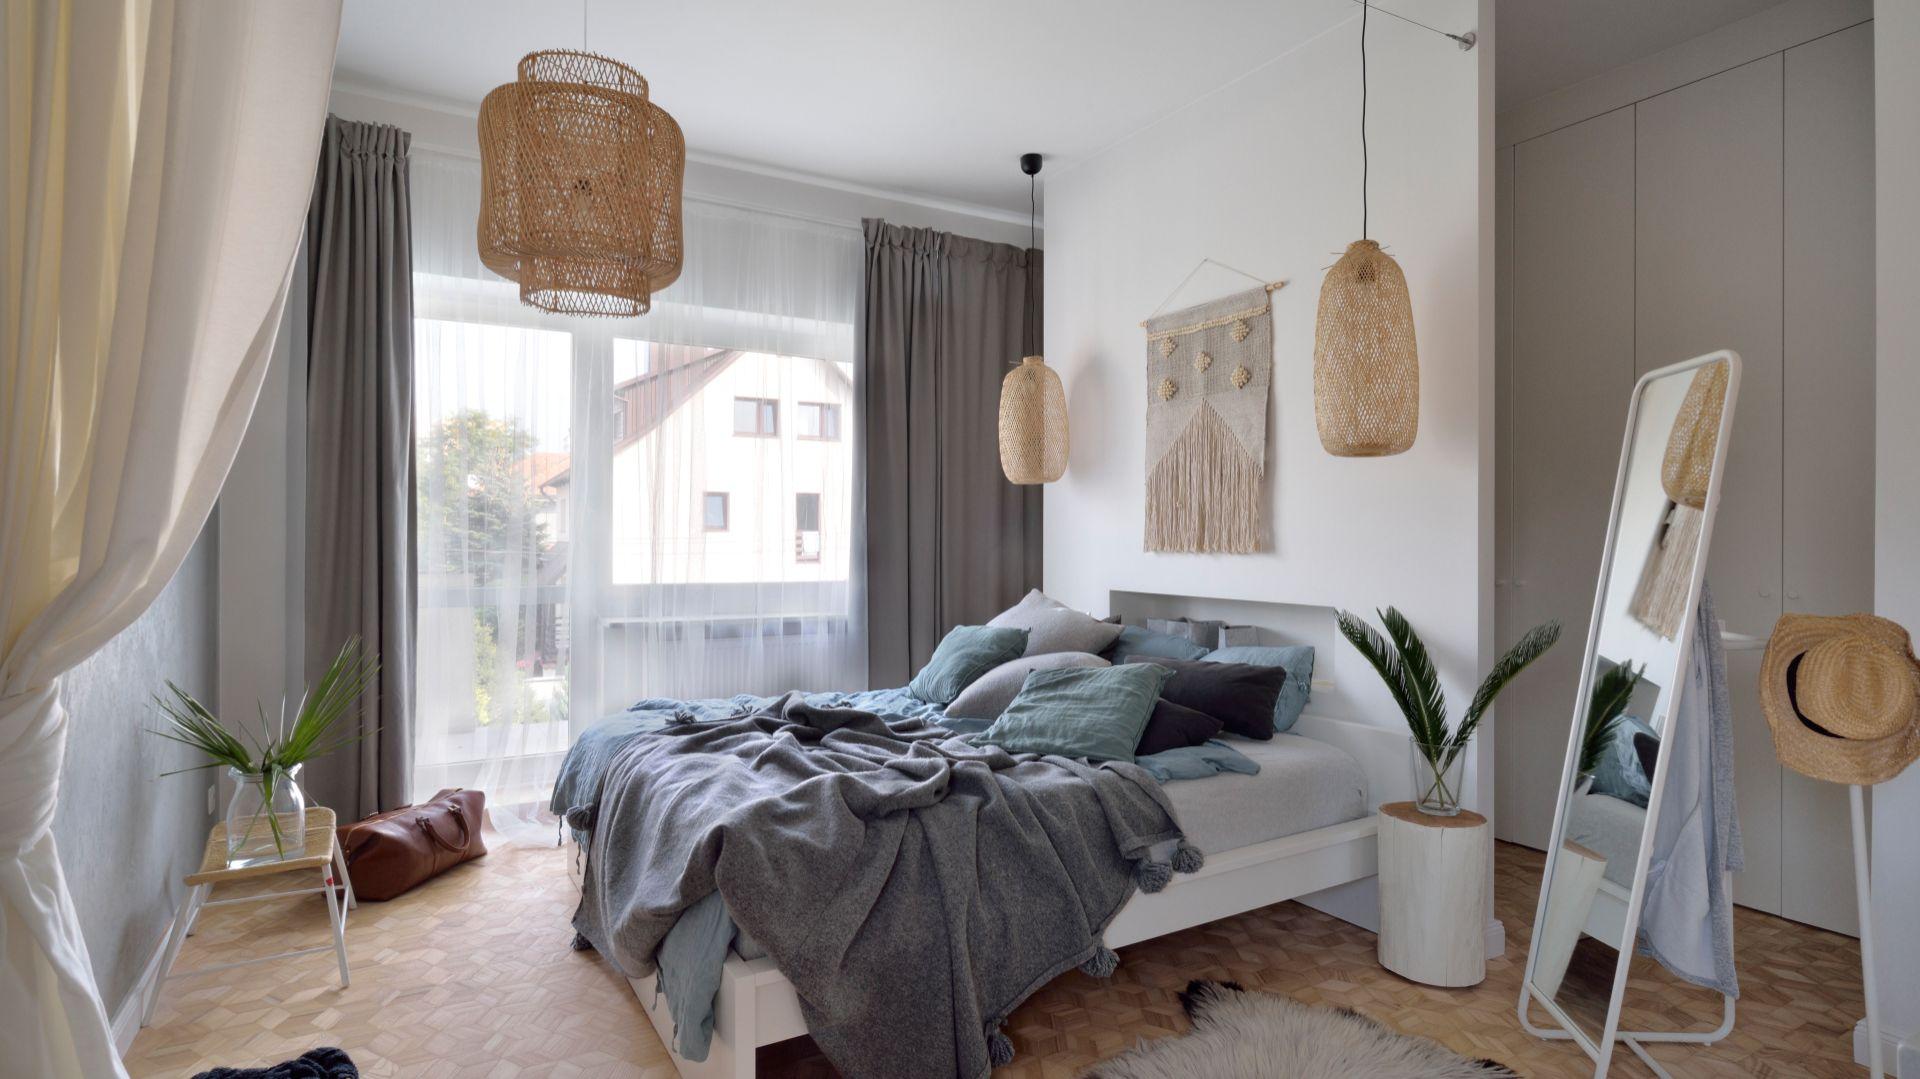 Przytulna sypialnia. Projekt: SHOKO.design. Fot. Łukasz Nowosadzki /Archilens.pl